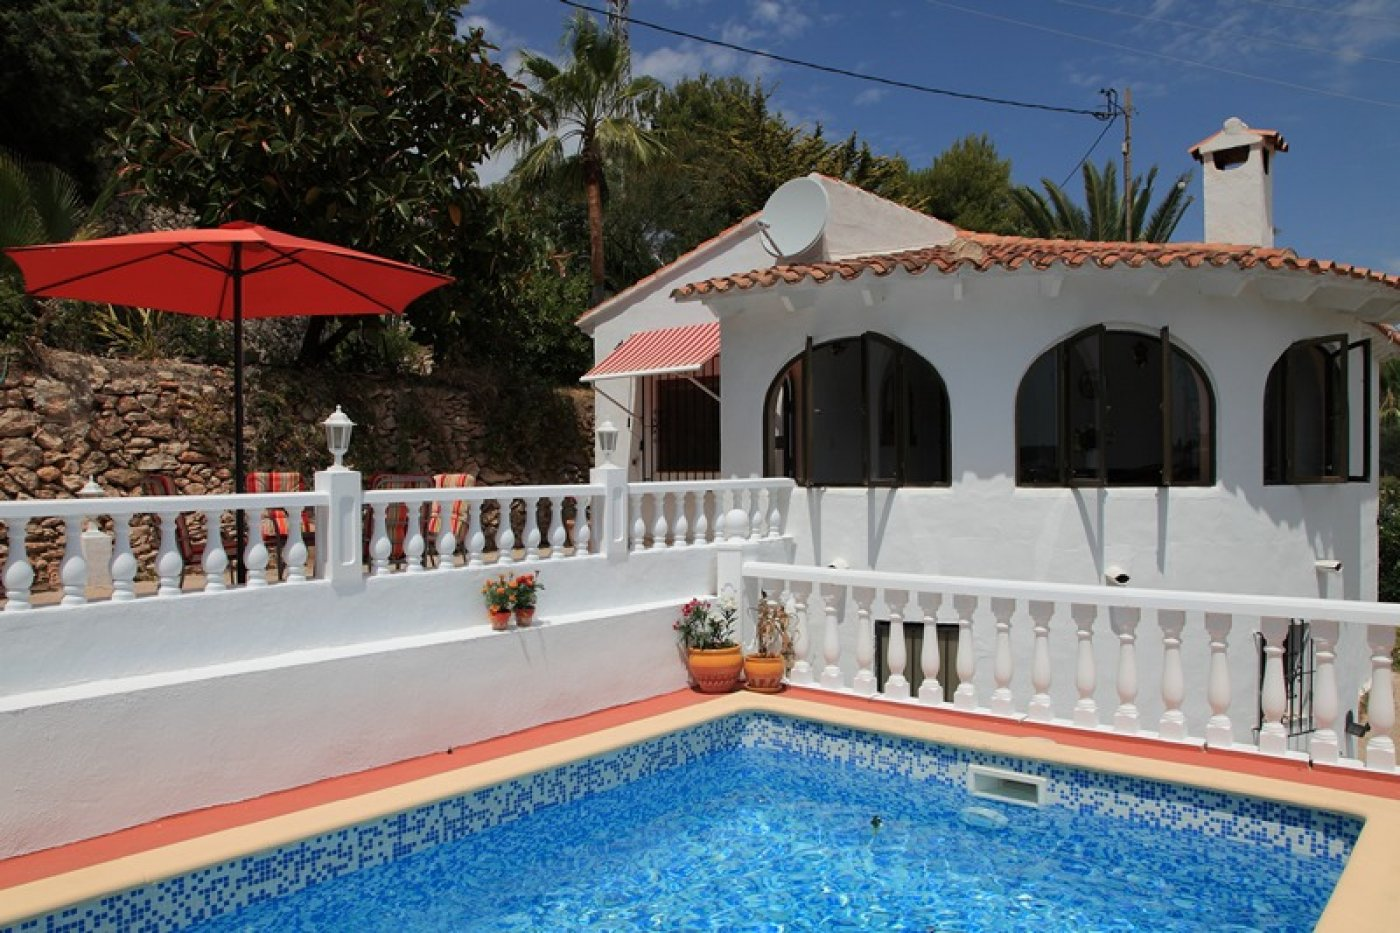 Villa - Entrar A Vivir - Buenavista - Benissa